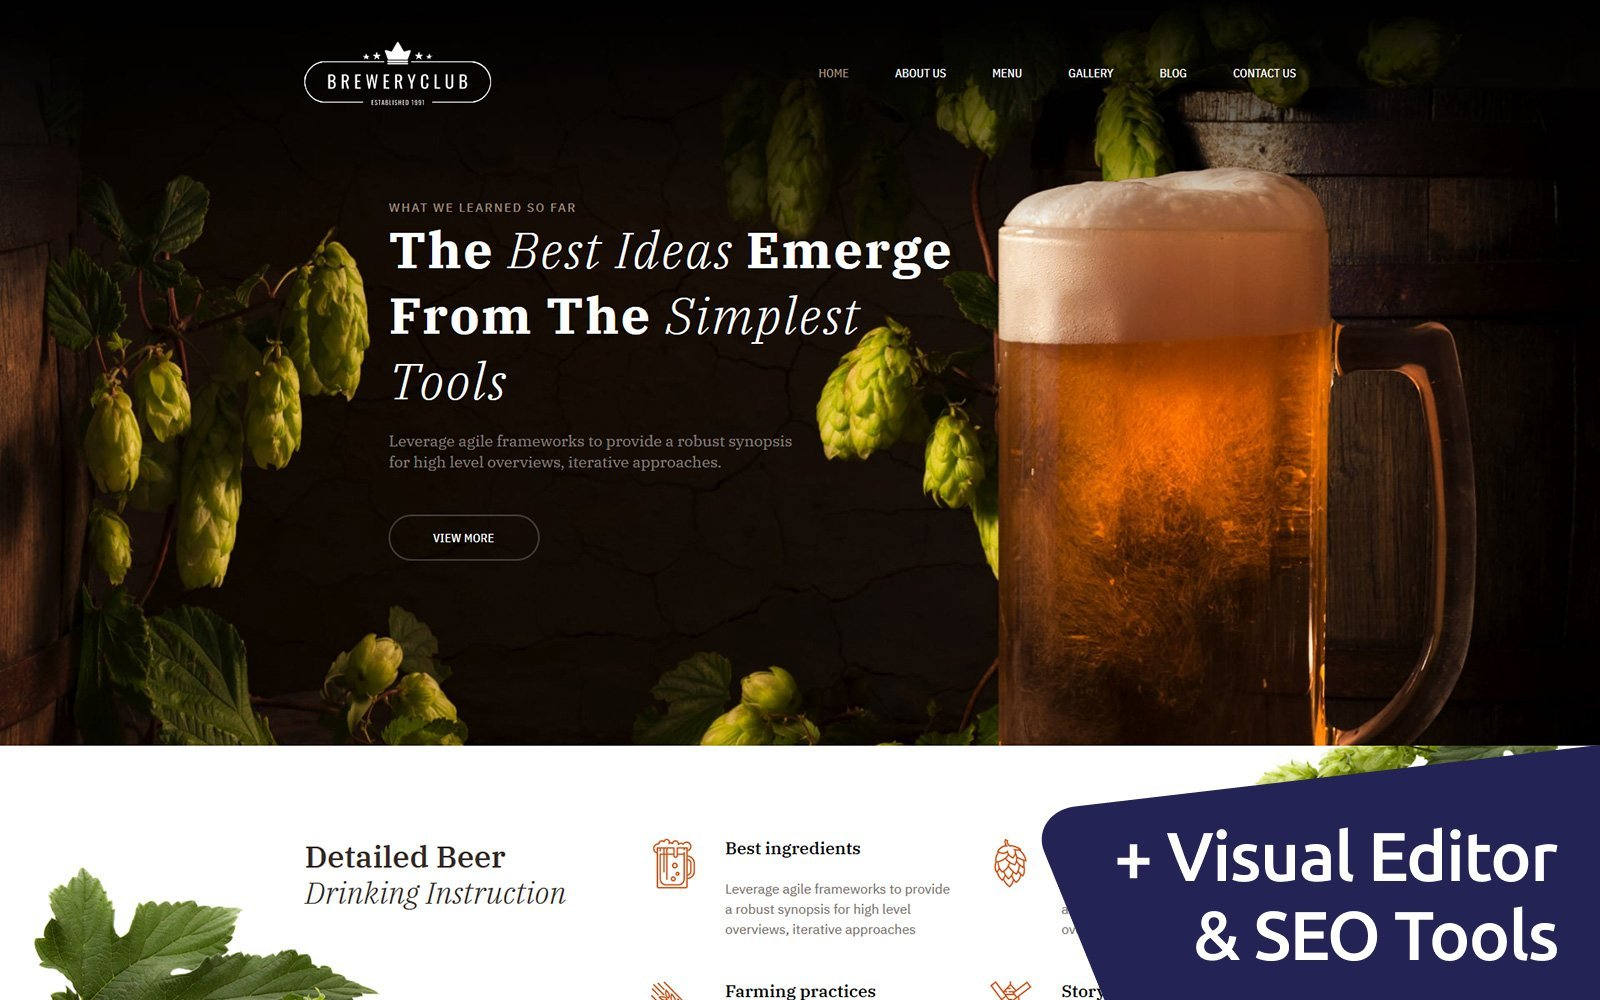 Responsywny szablon Moto CMS 3 Brewery Club Premium #68191 - zrzut ekranu